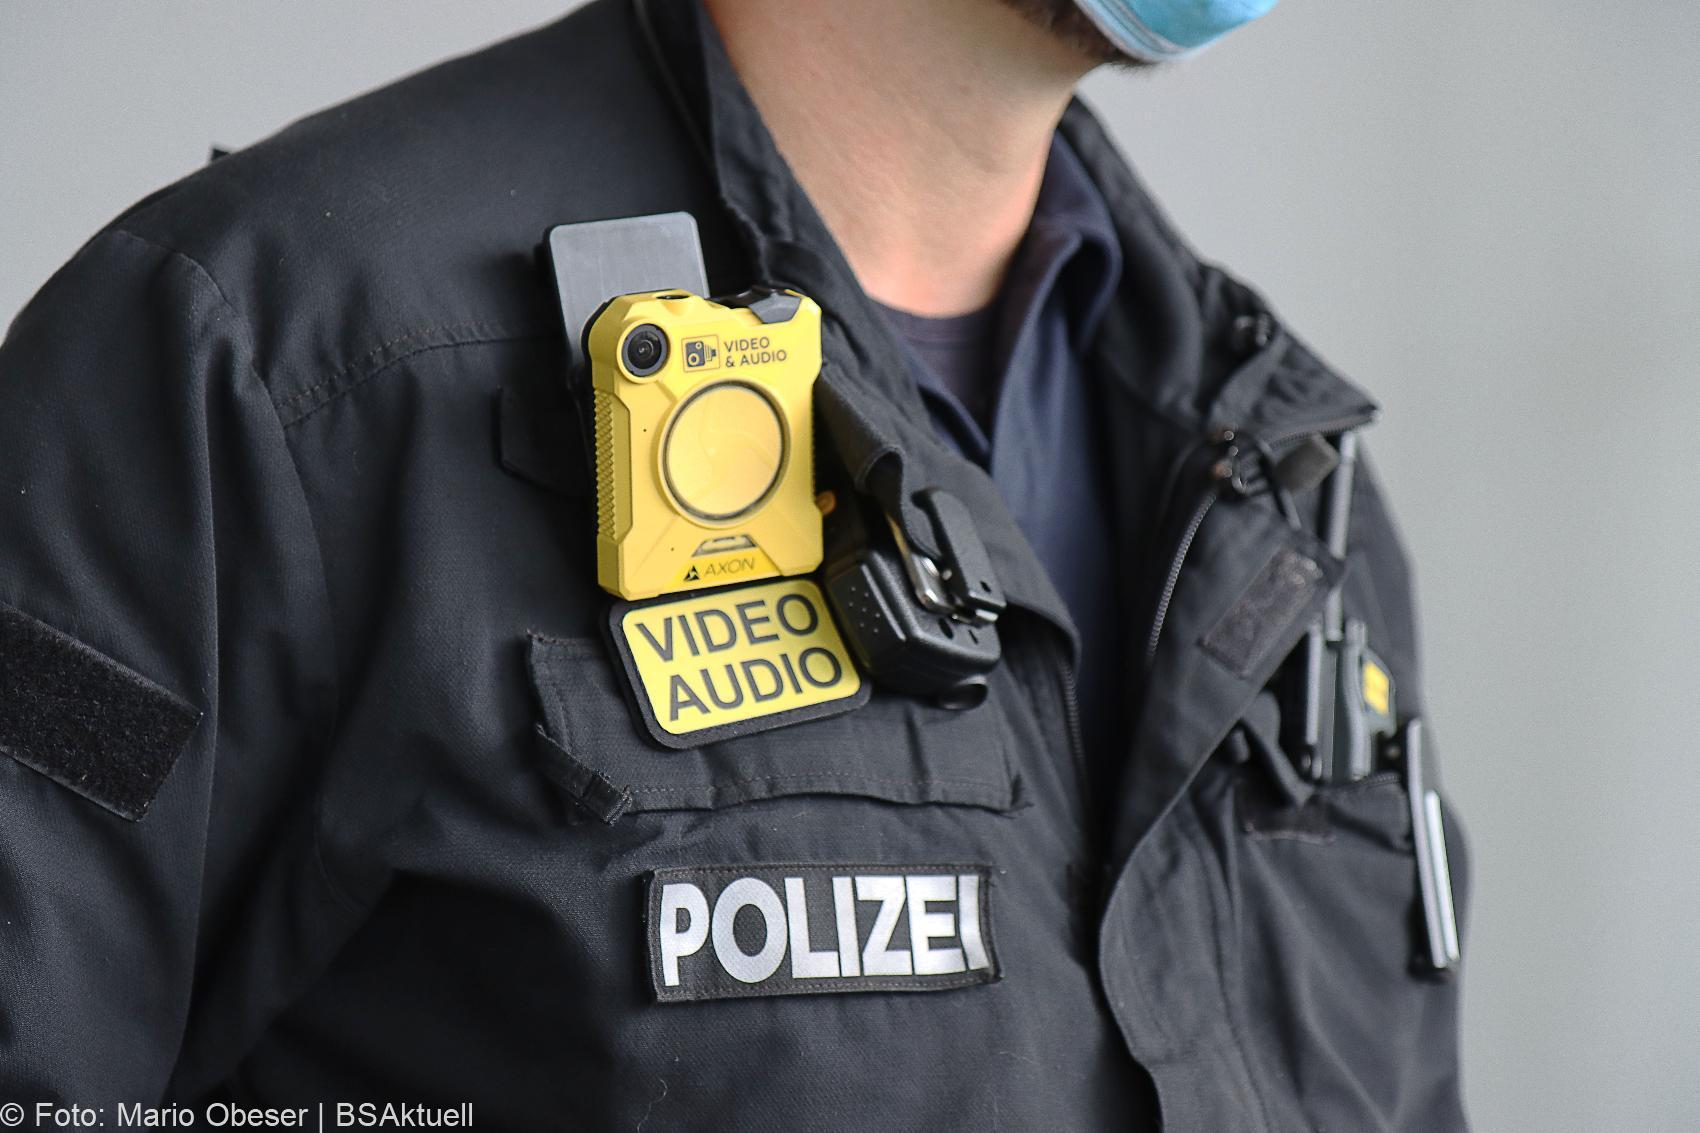 Einsatzuebung Polizei Body Cam Senden Schwaben Sued West 25092020 30